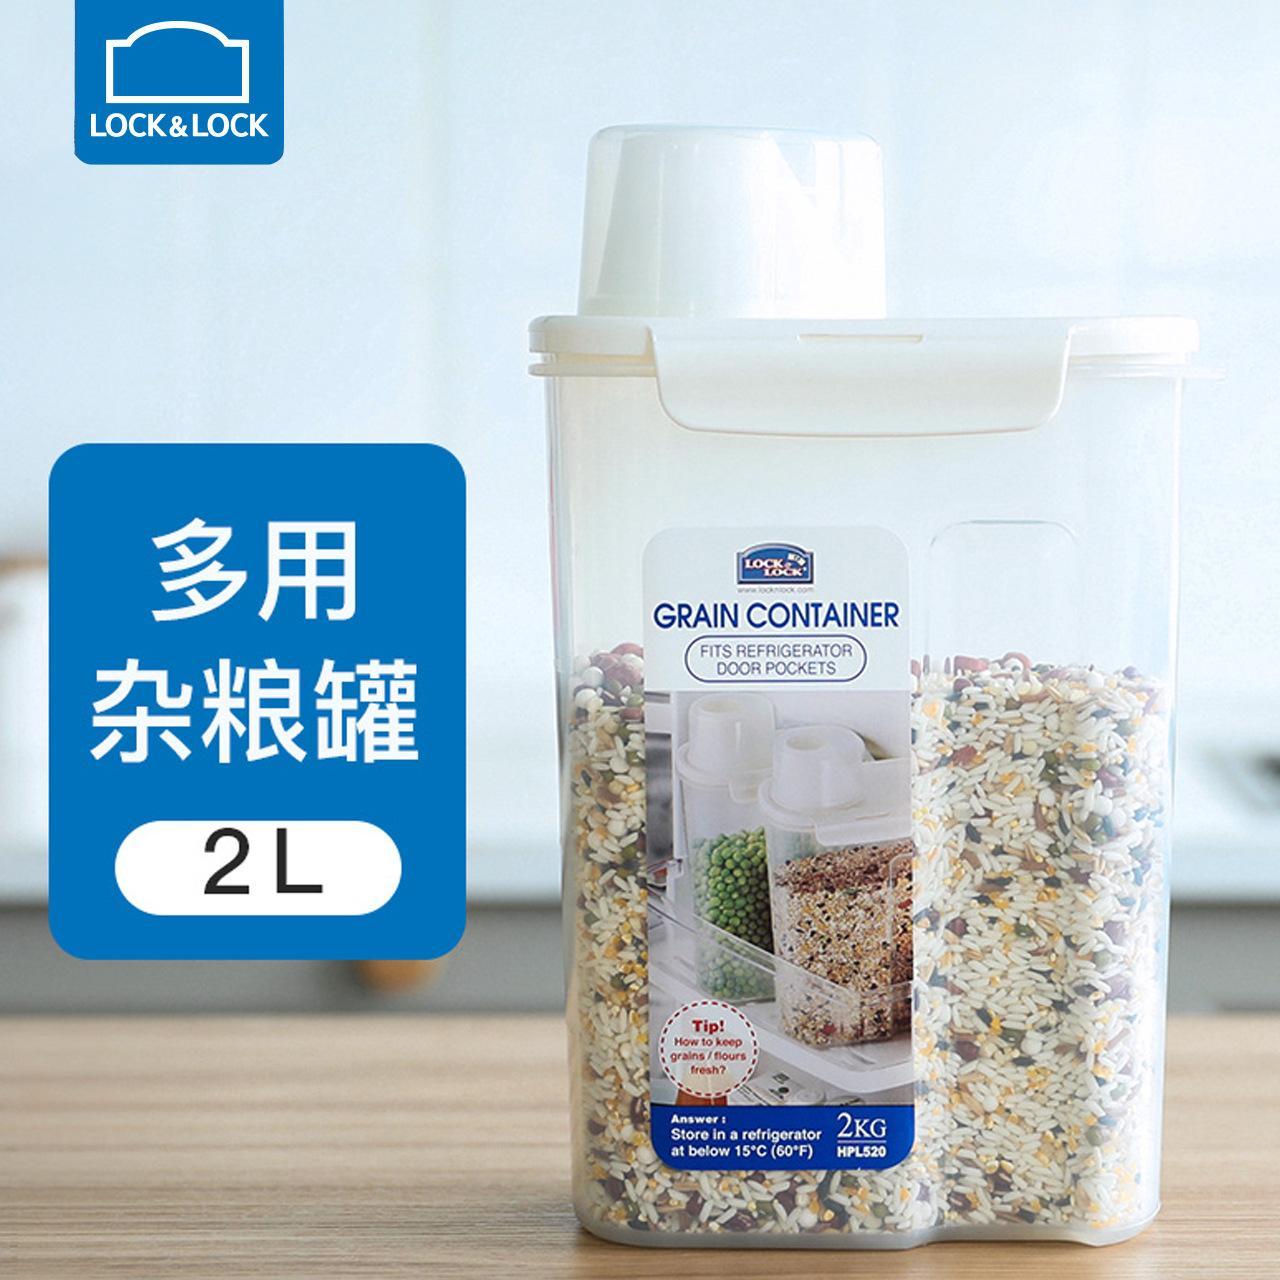 【乐扣乐扣】杂粮桶收纳保鲜盒米桶透明储物厨房家用储存密封瓶2L HPL521